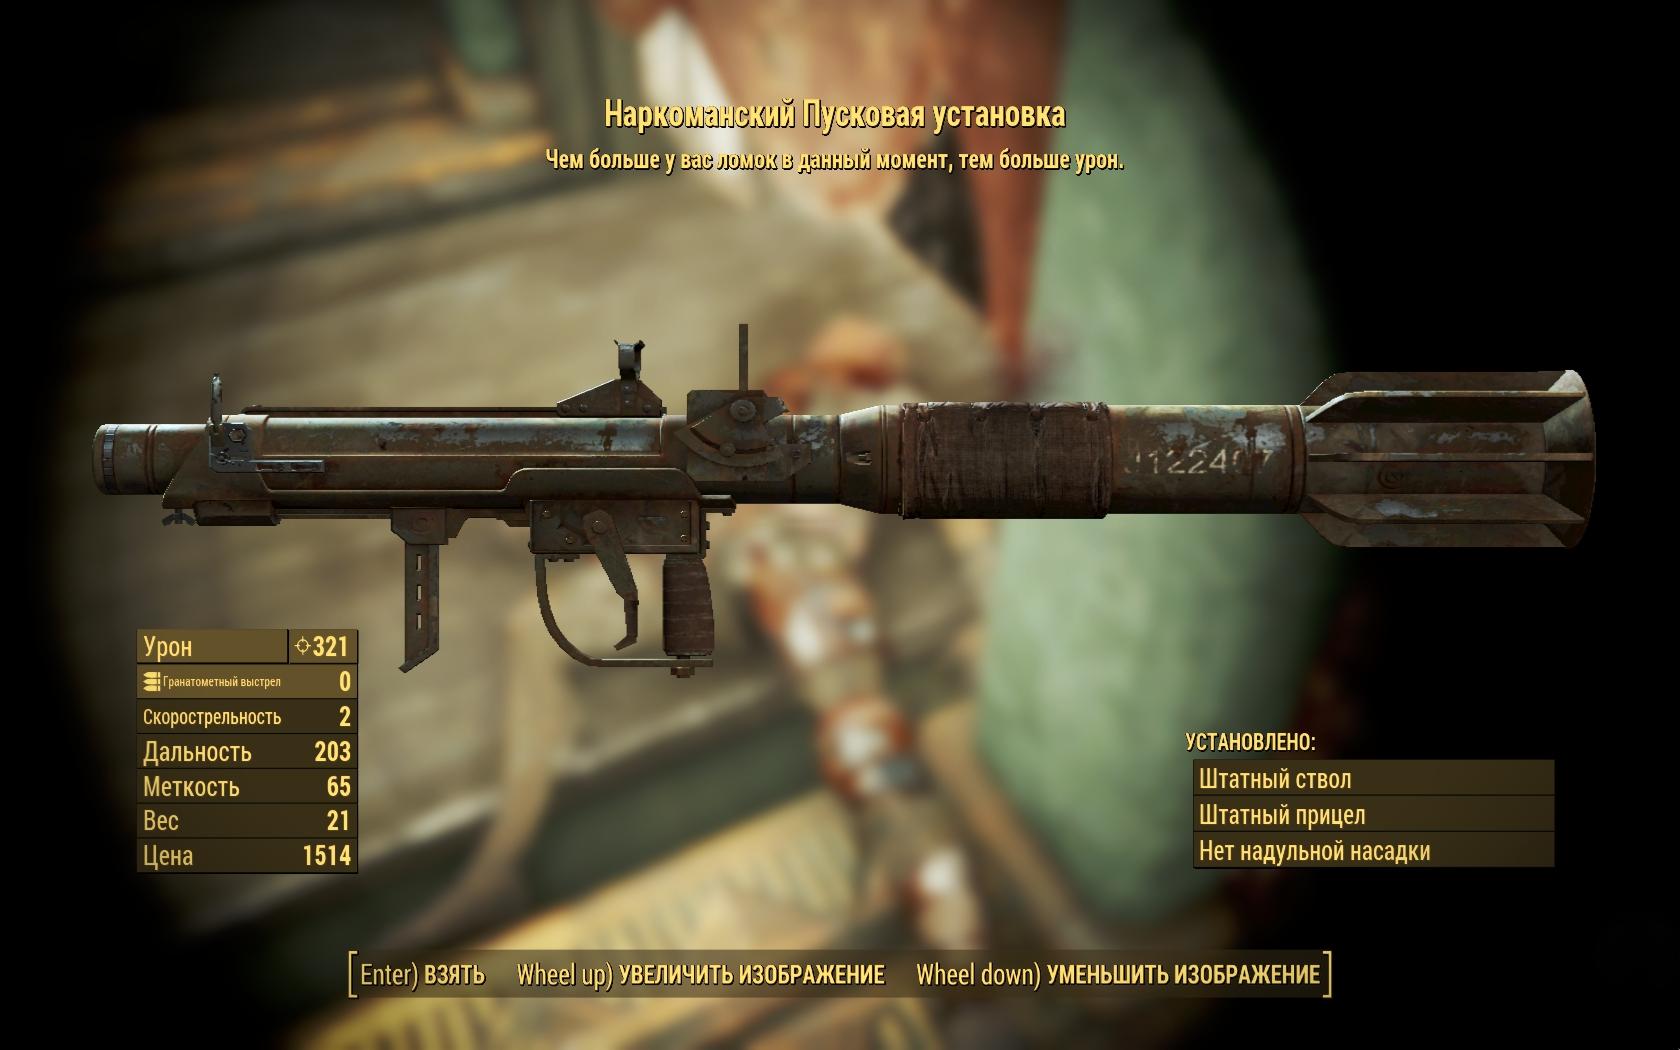 Наркоманский пусковая установка - Fallout 4 Наркоманский, Оружие, пусковая, установка